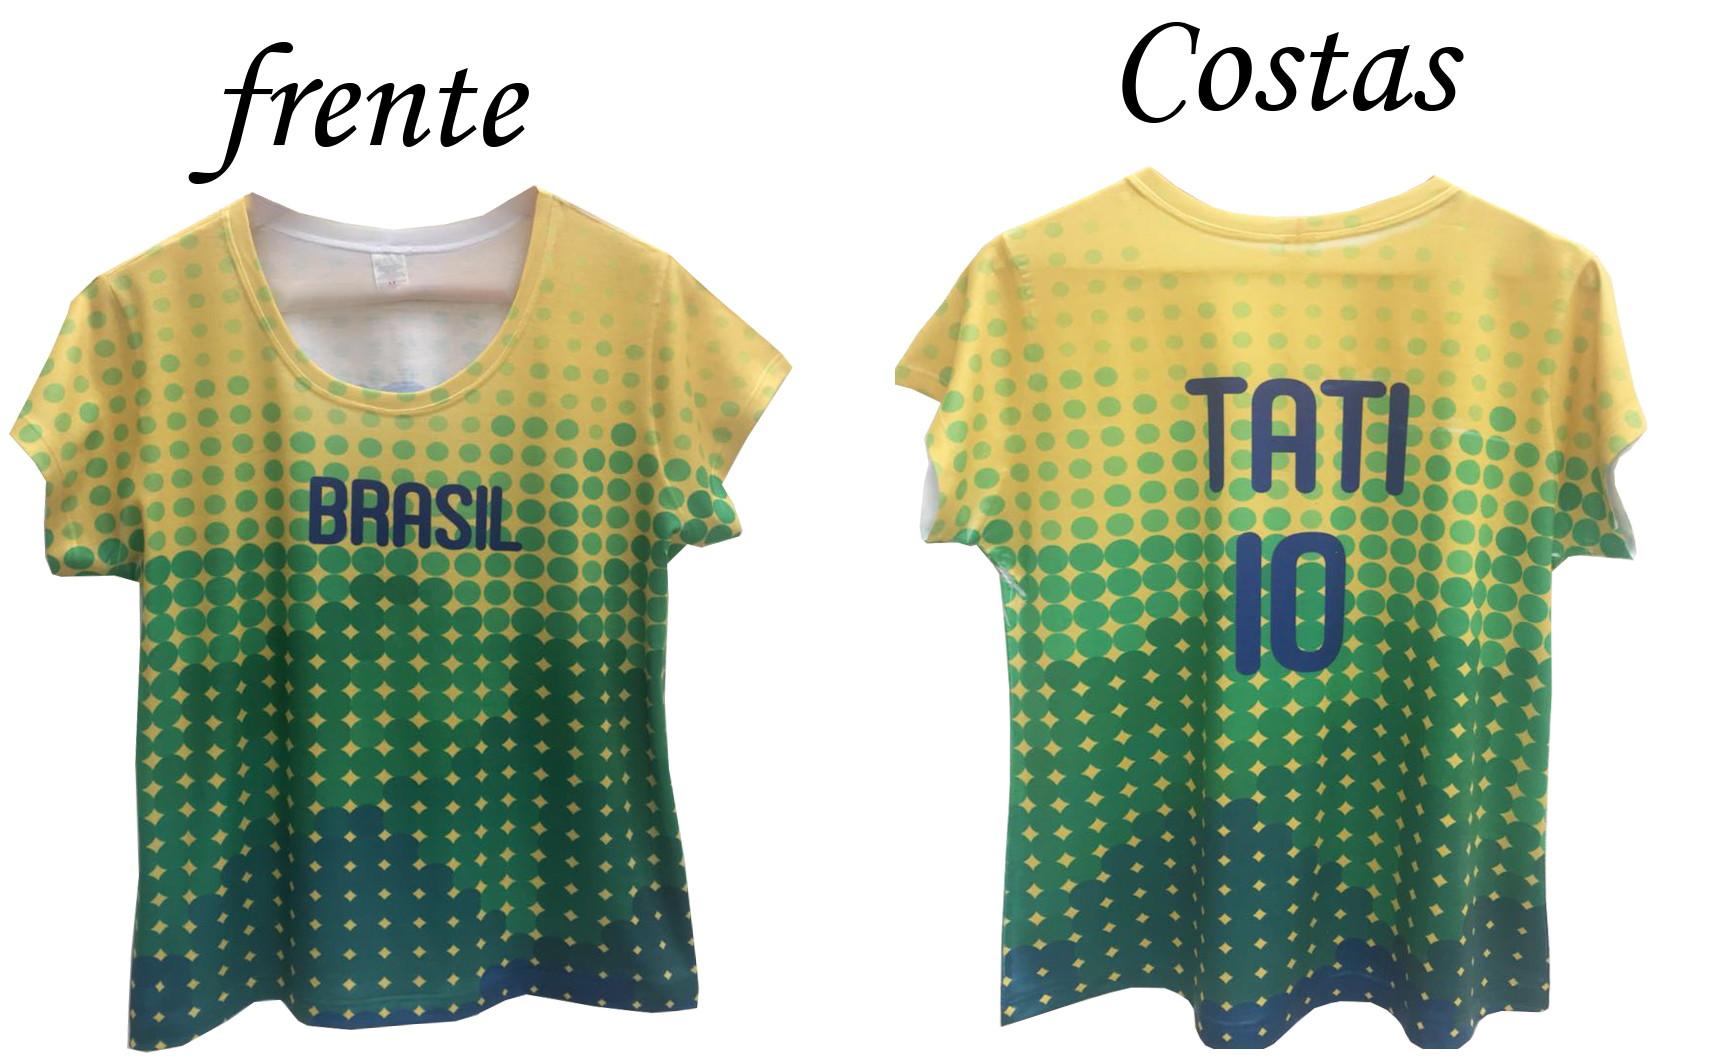 Camiseta Feminina Brasil Copa Personalize Com Seu Nome no Elo7 ... 789a9d95af1b6